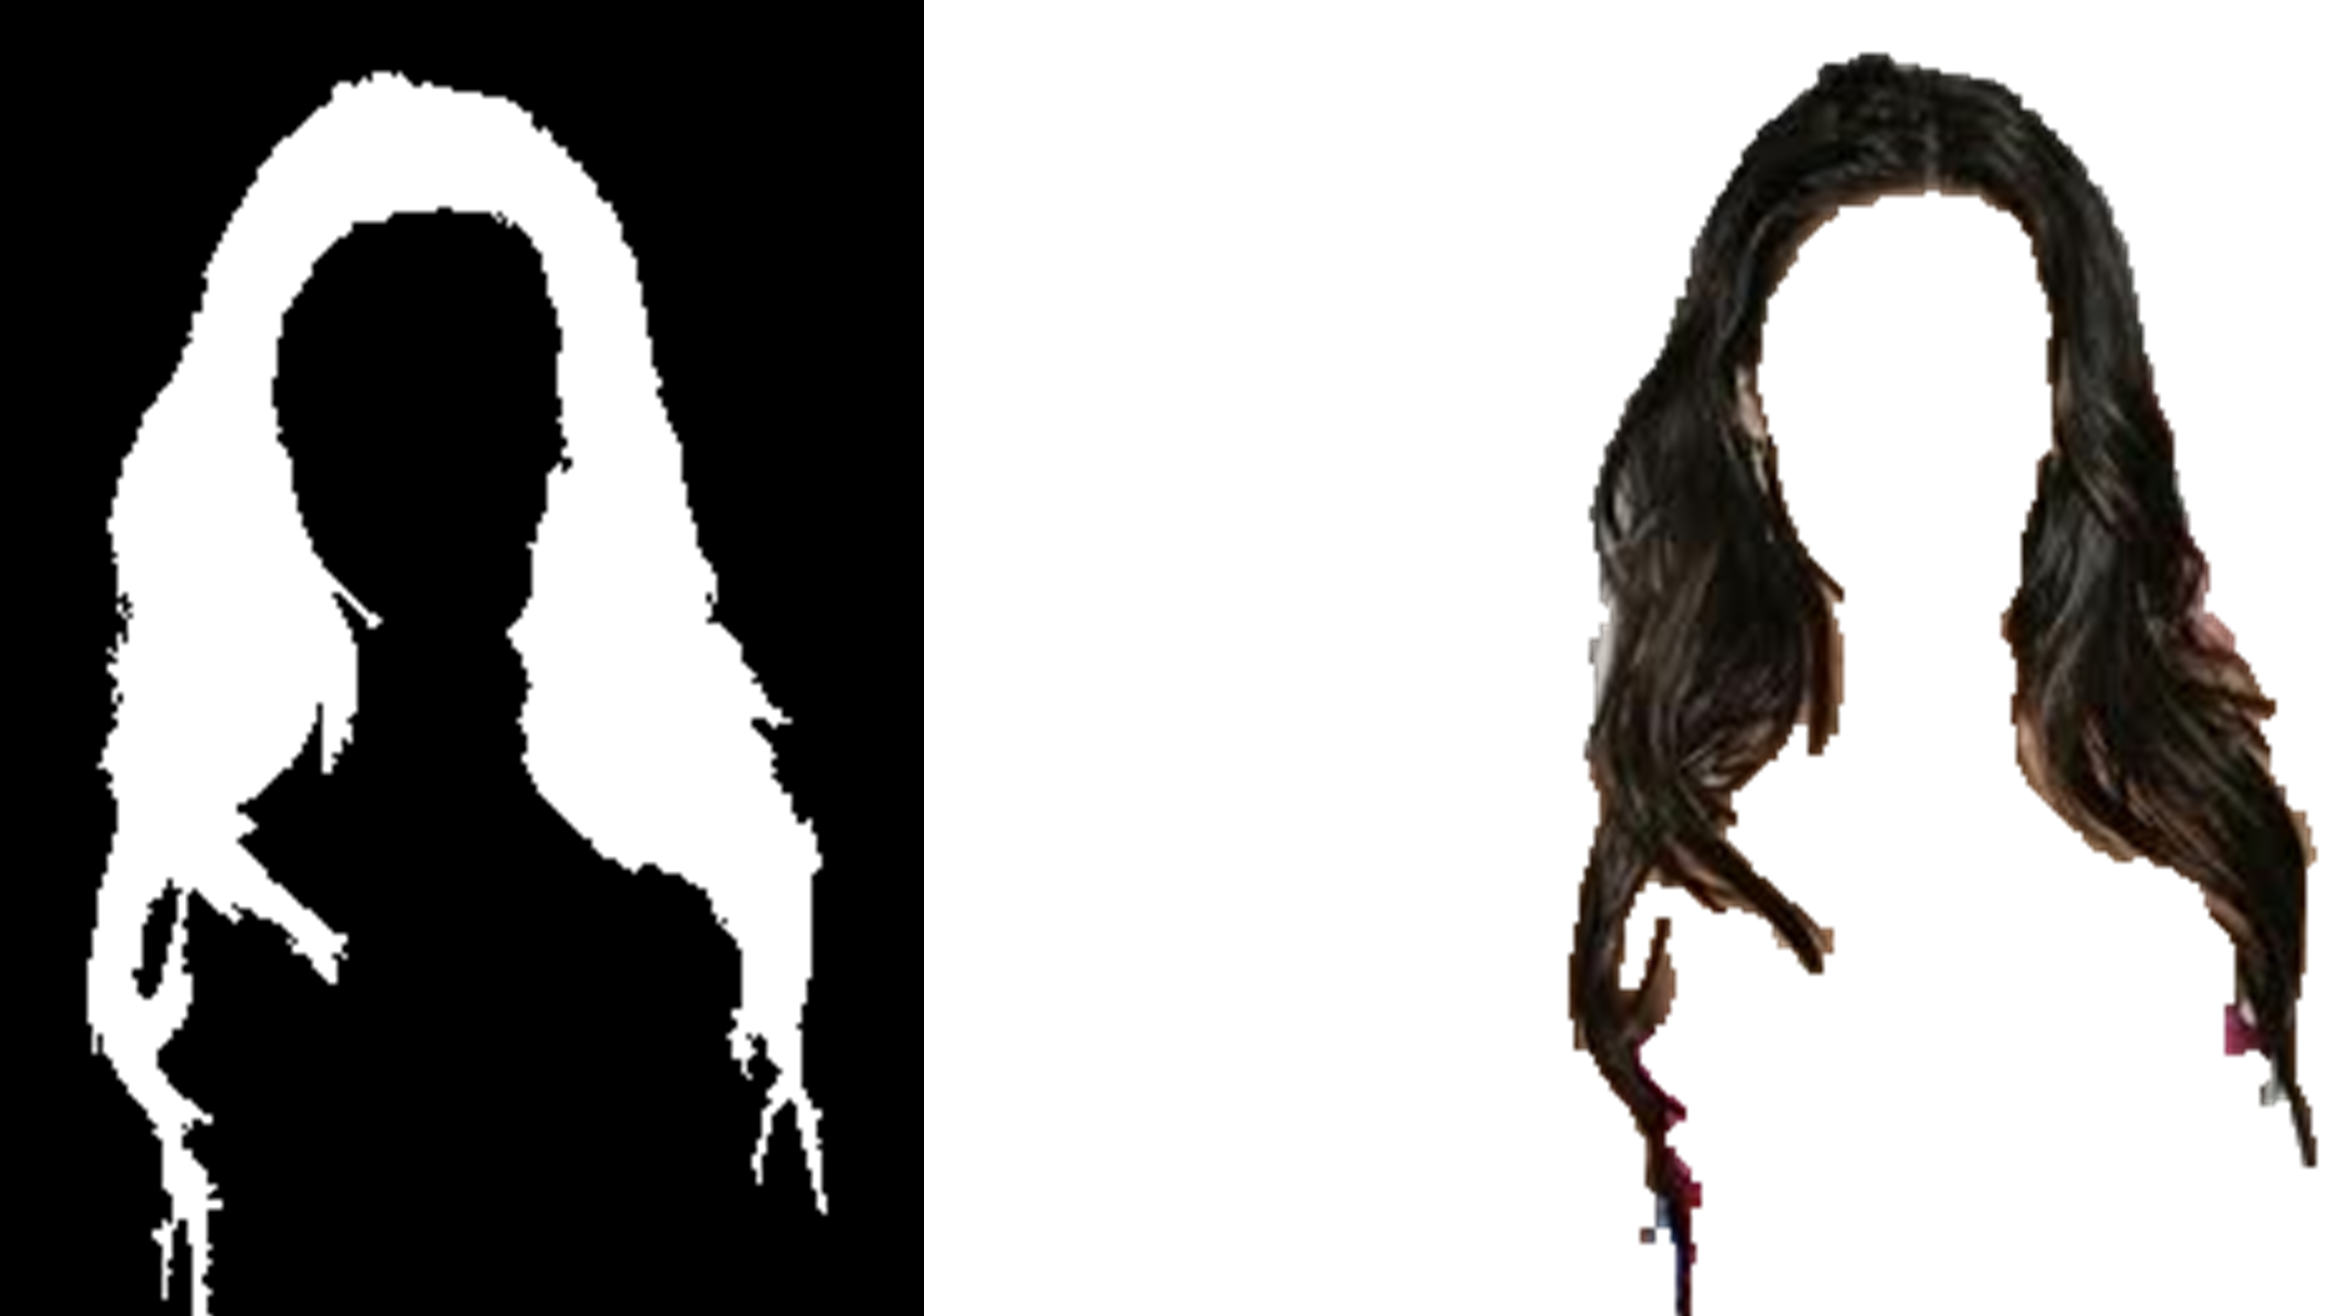 Hair segmentation